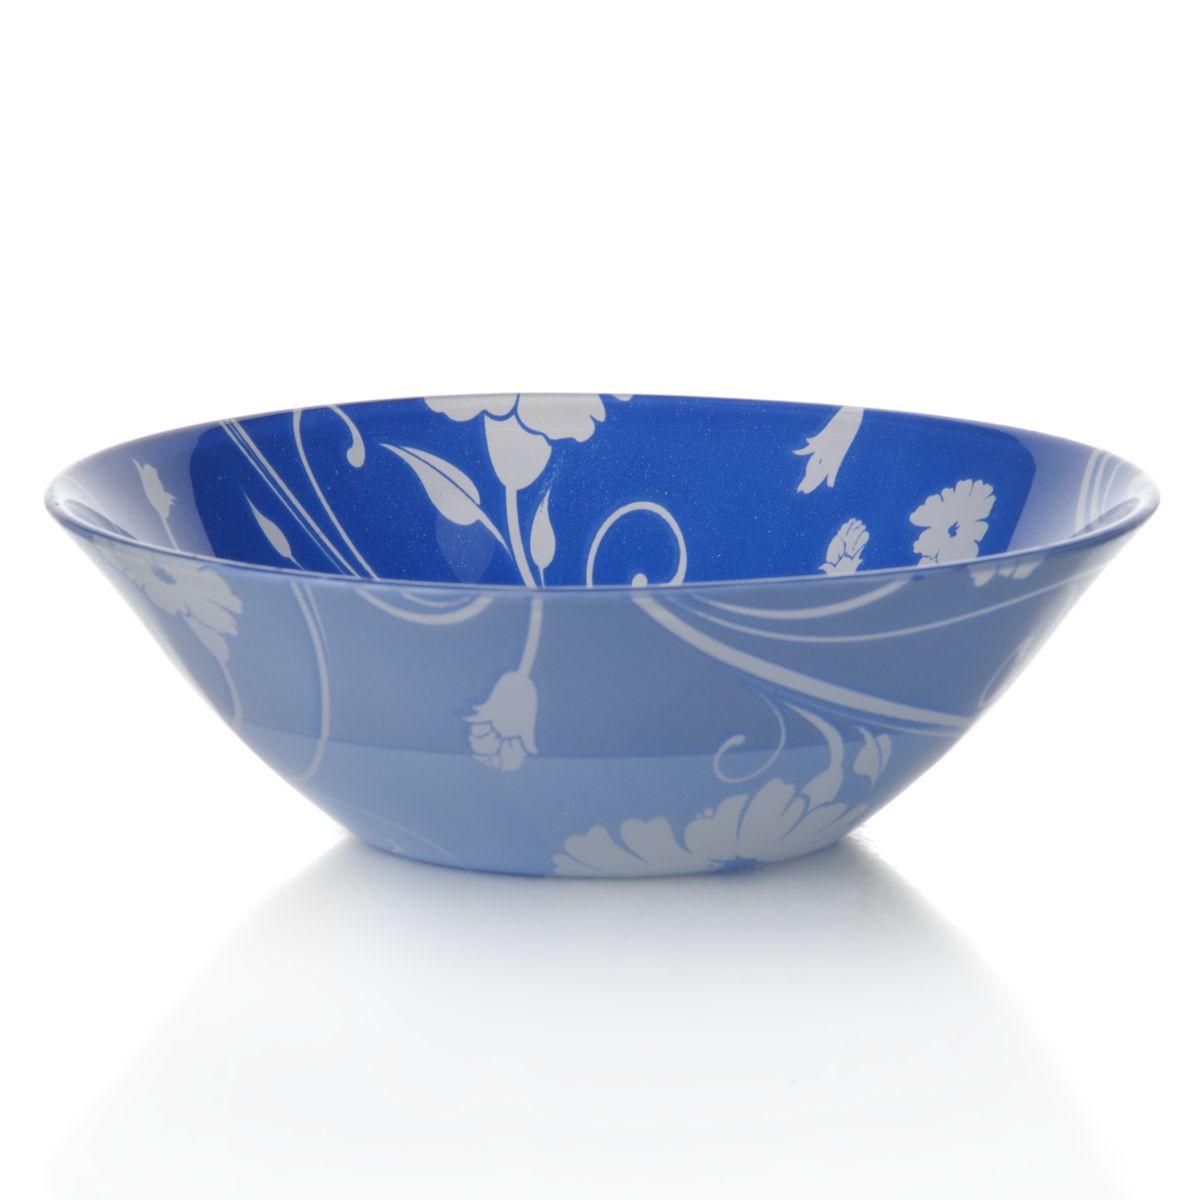 Набор салатников Pasabahce Blue Serenade, цвет: синий, диаметр 14 см, 6 шт10414BD2Набор Pasabahce Blue Serenade состоит из шести круглых салатников, выполненных из закаленного стекла. Изделия украшены изысканным цветочным узором. Набор прекрасно подойдет для сервировки различных блюд. Яркий дизайн украсит стол и порадует вас и ваших гостей. Нельзя использовать в микроволновой печи. Можно использовать в морозильной камере. Диаметр салатника: 14 см. Высота салатника: 5 см.